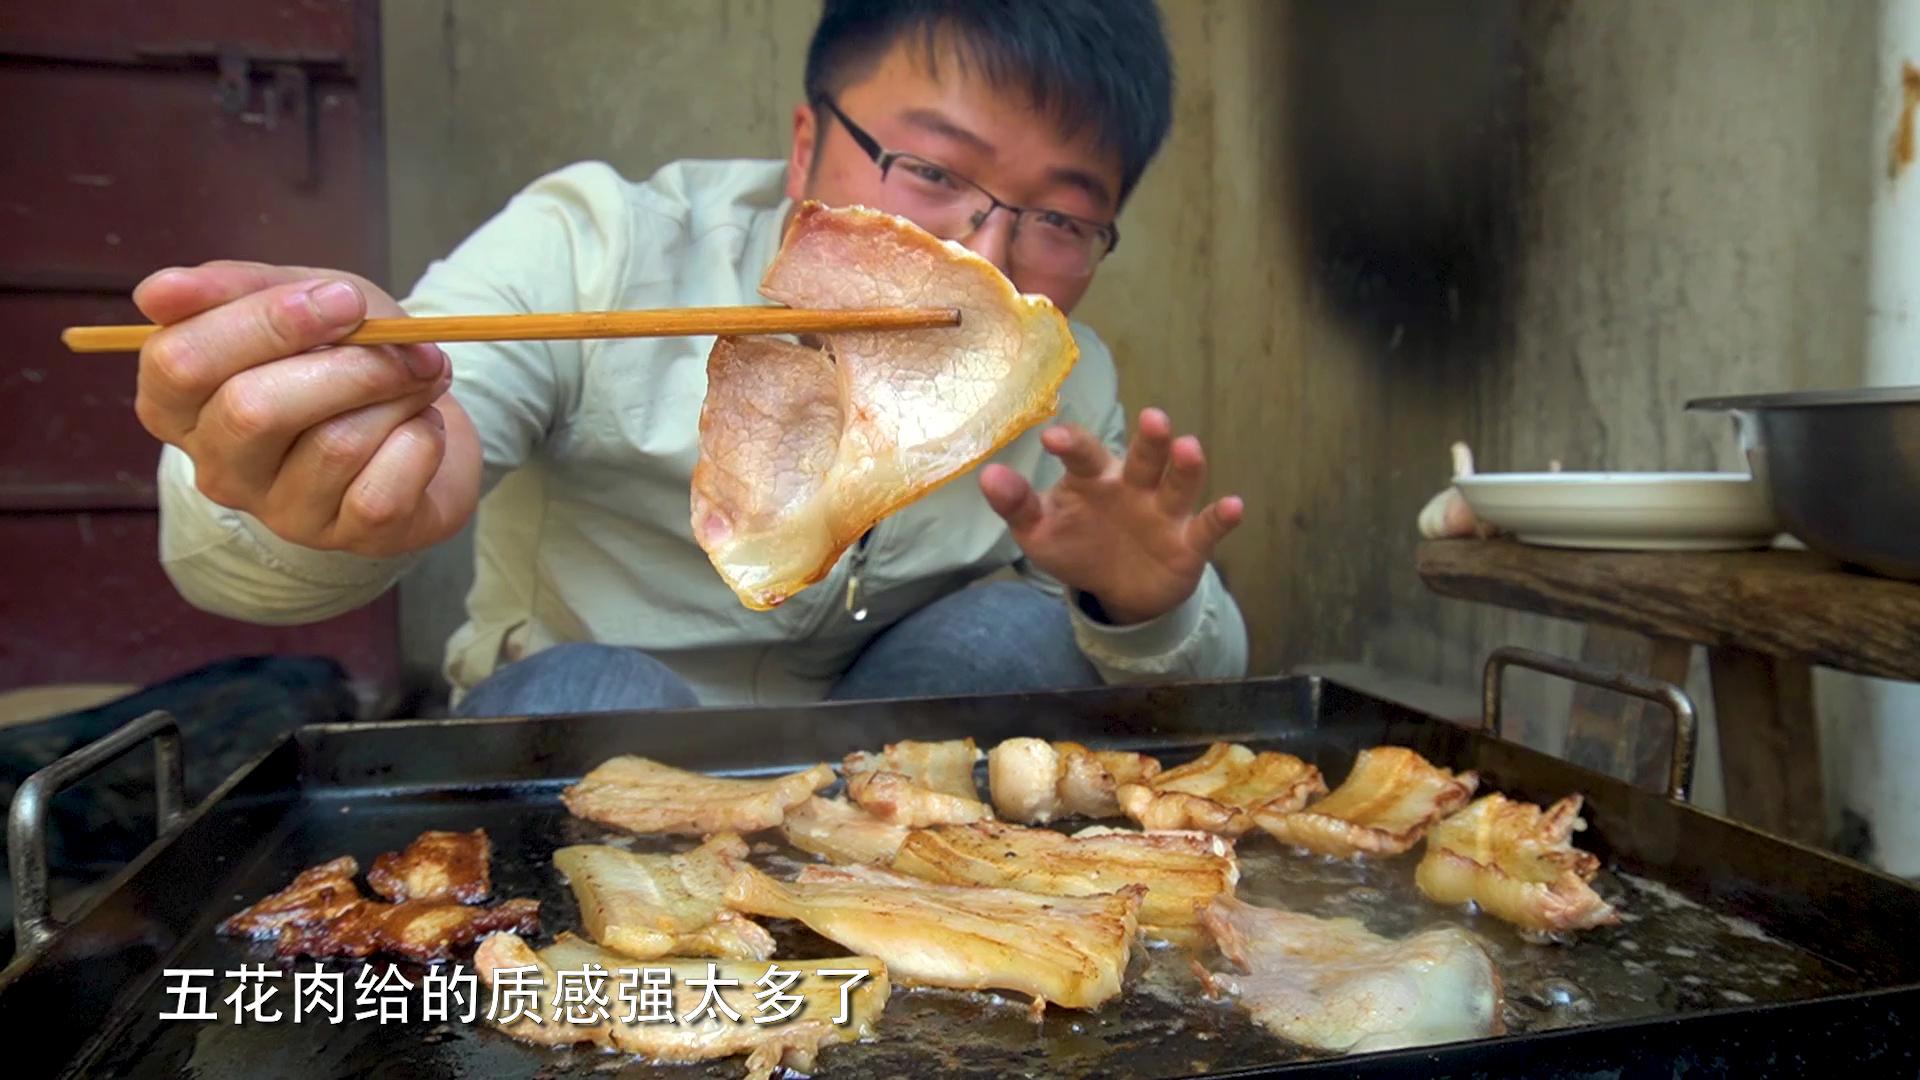 1斤火腿,3斤五花肉,做一顿烤肉吃,大sao式铁板烧一顿吃过瘾